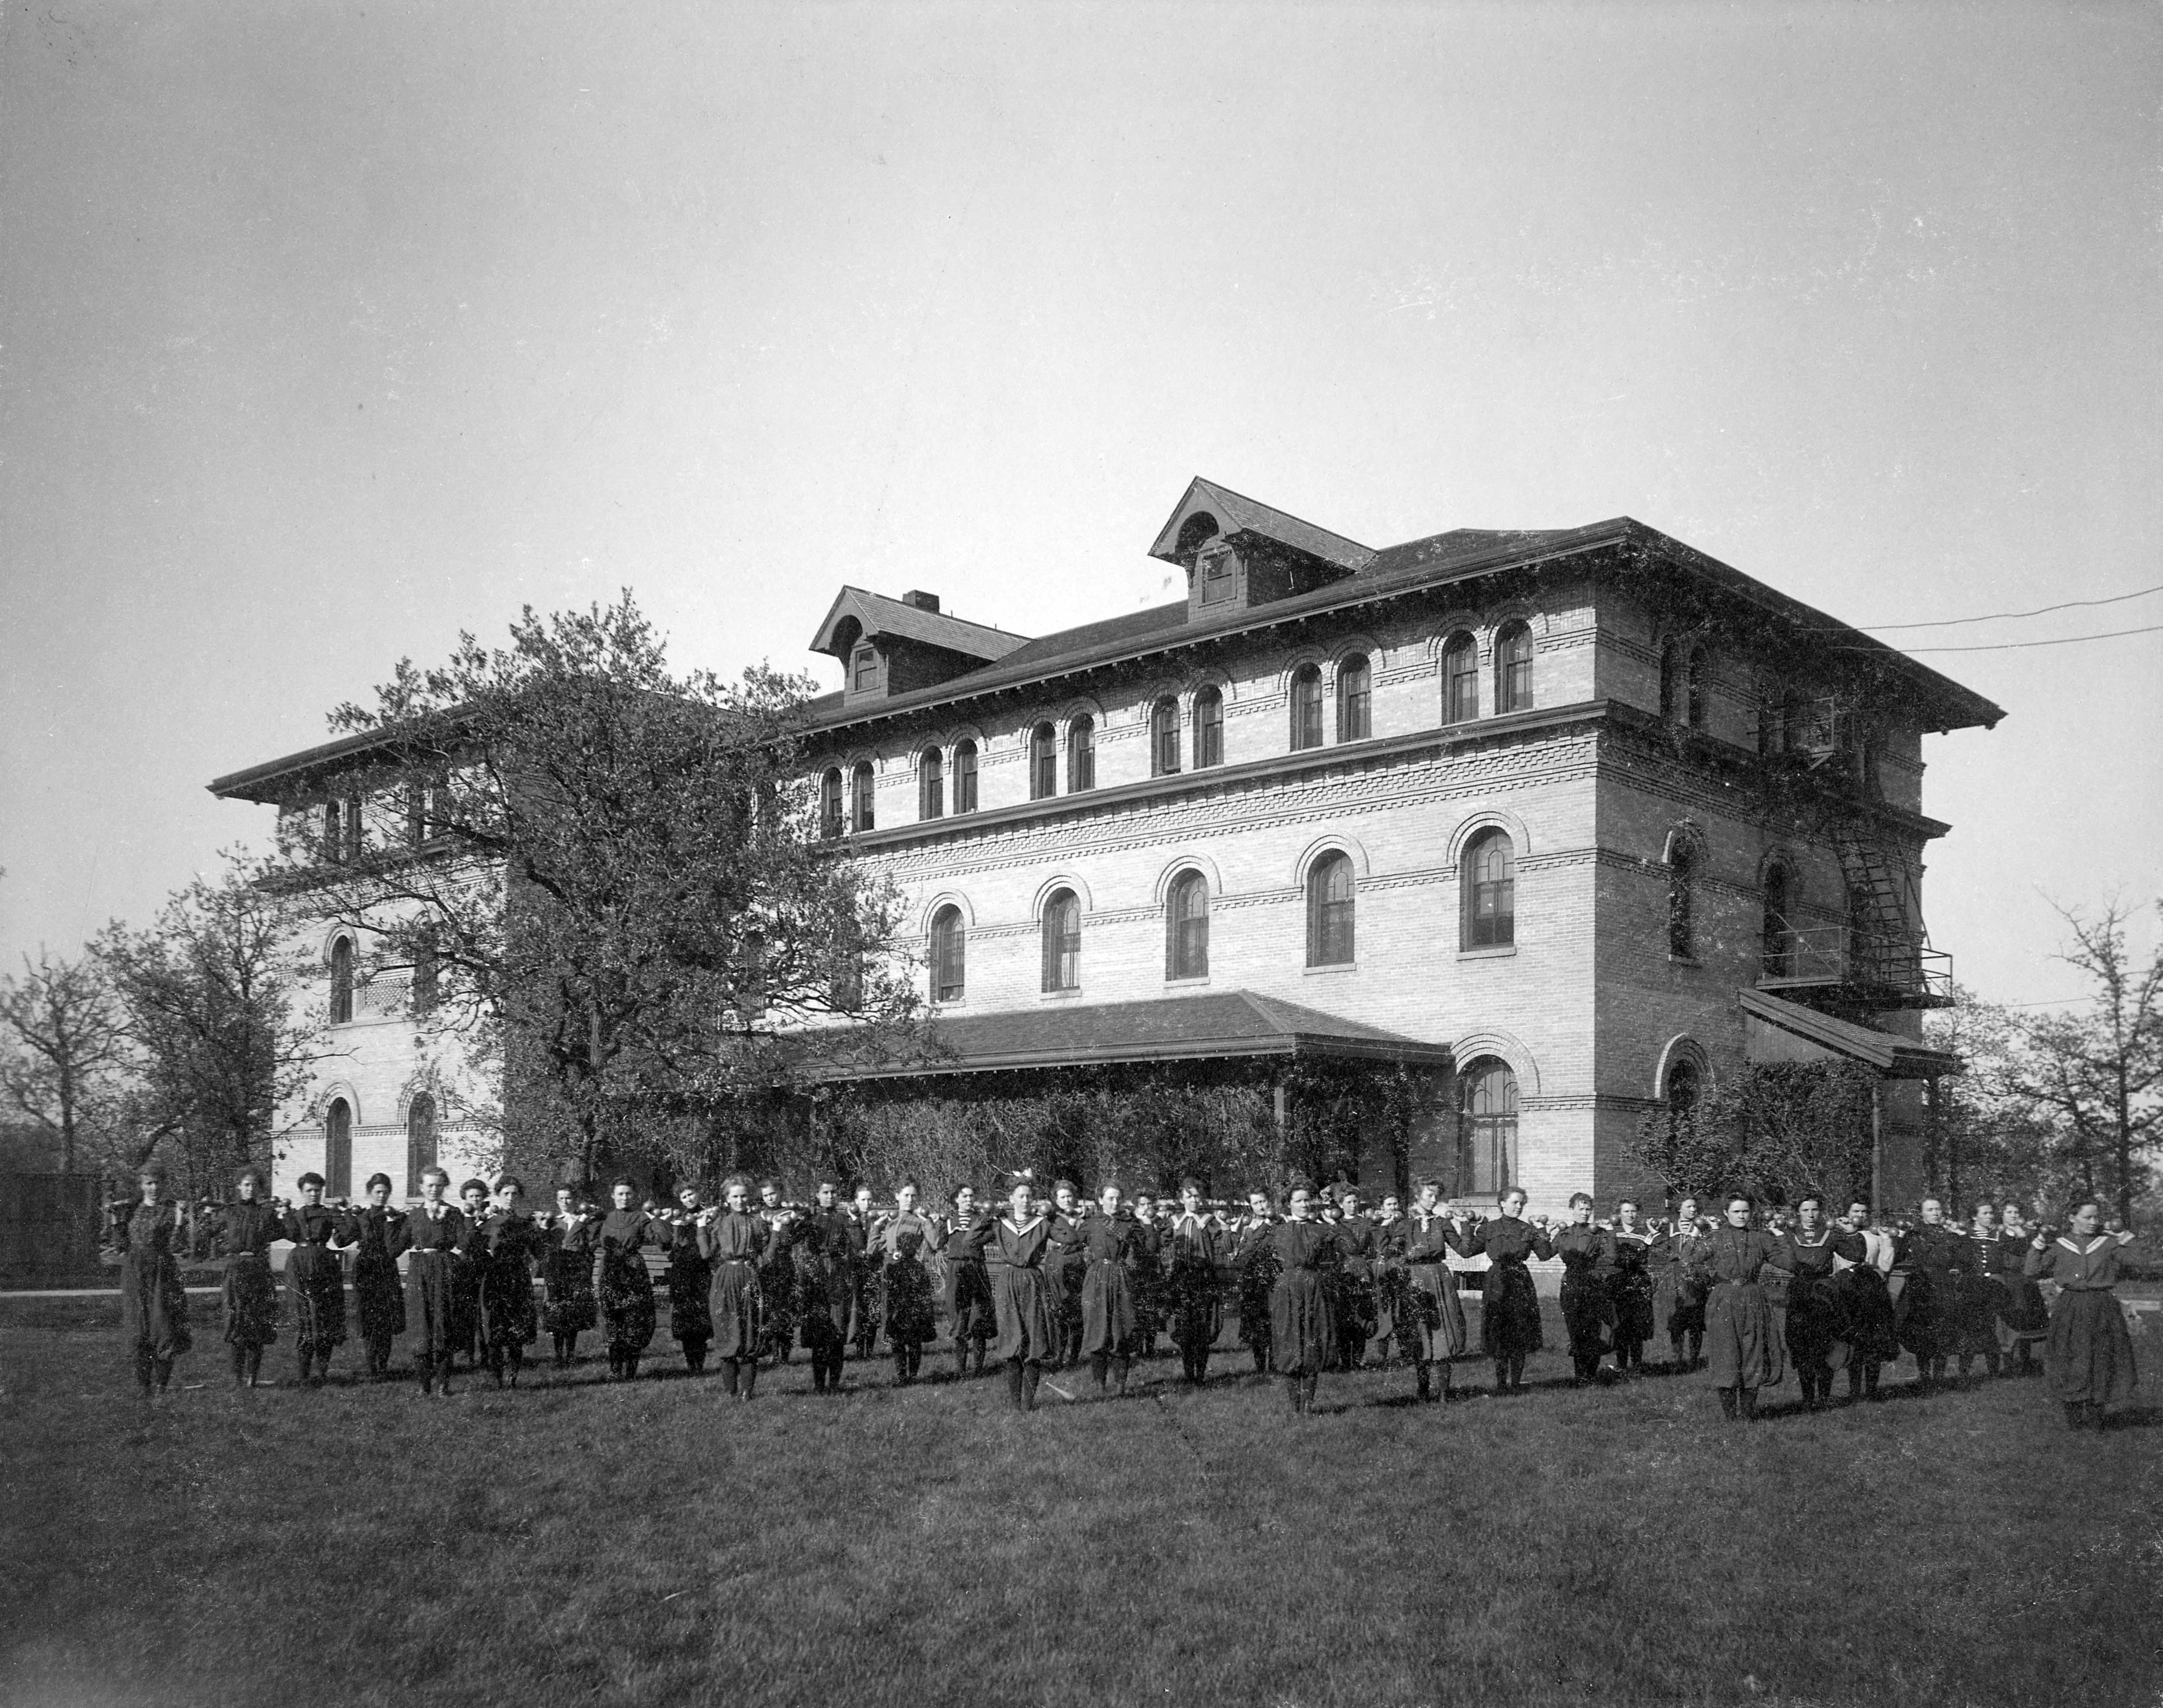 Lawrence Hall (1900)